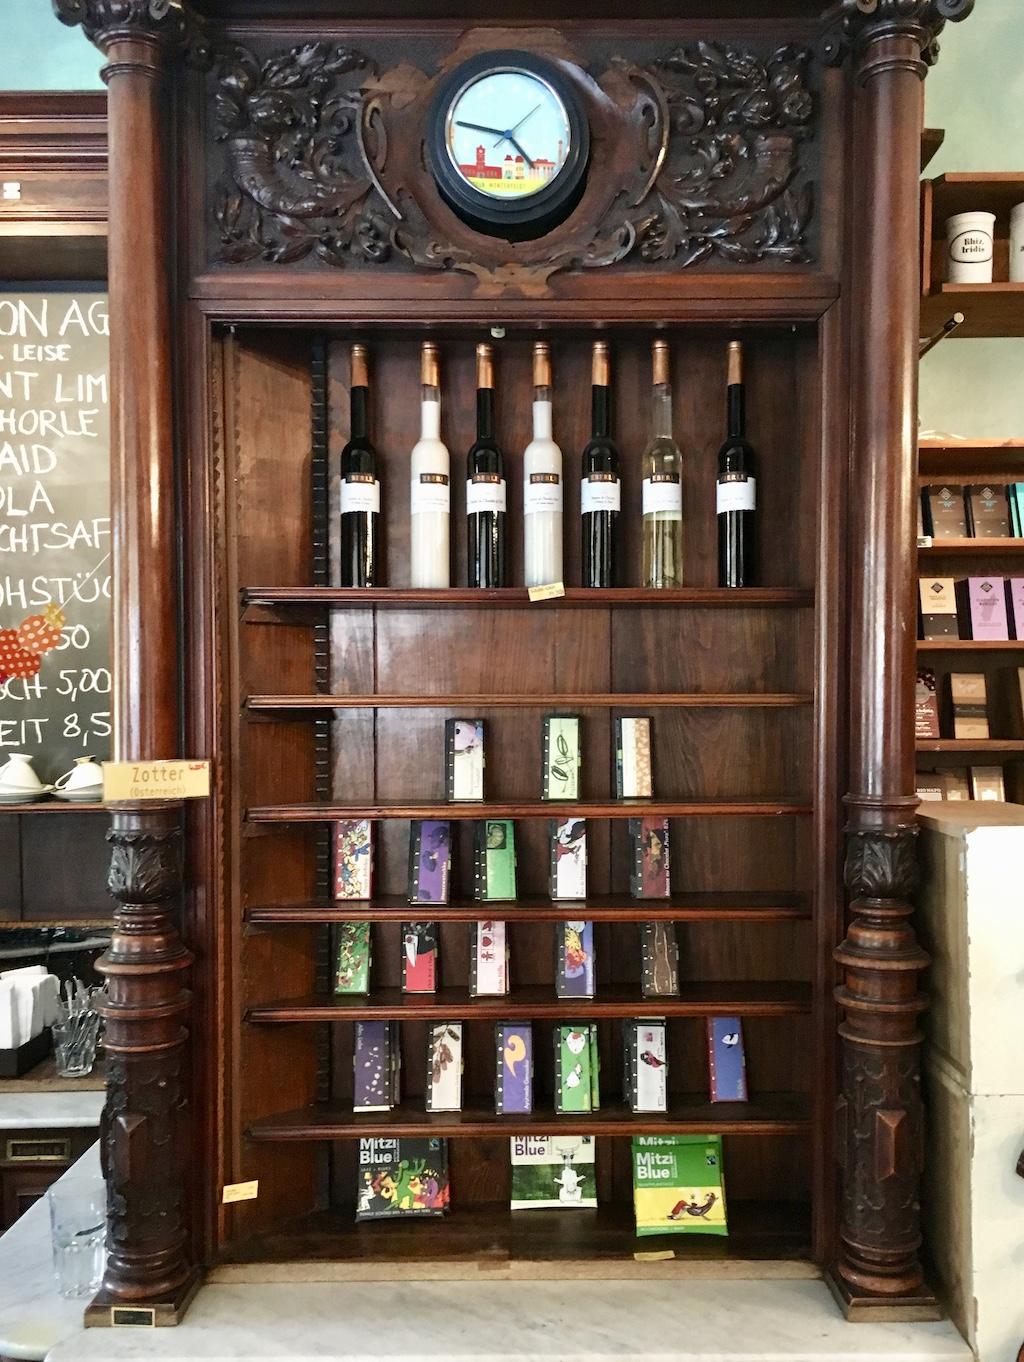 Winterfeldt-Café Präsentation von Likören und Schokoladen im alten Apotehekerregal